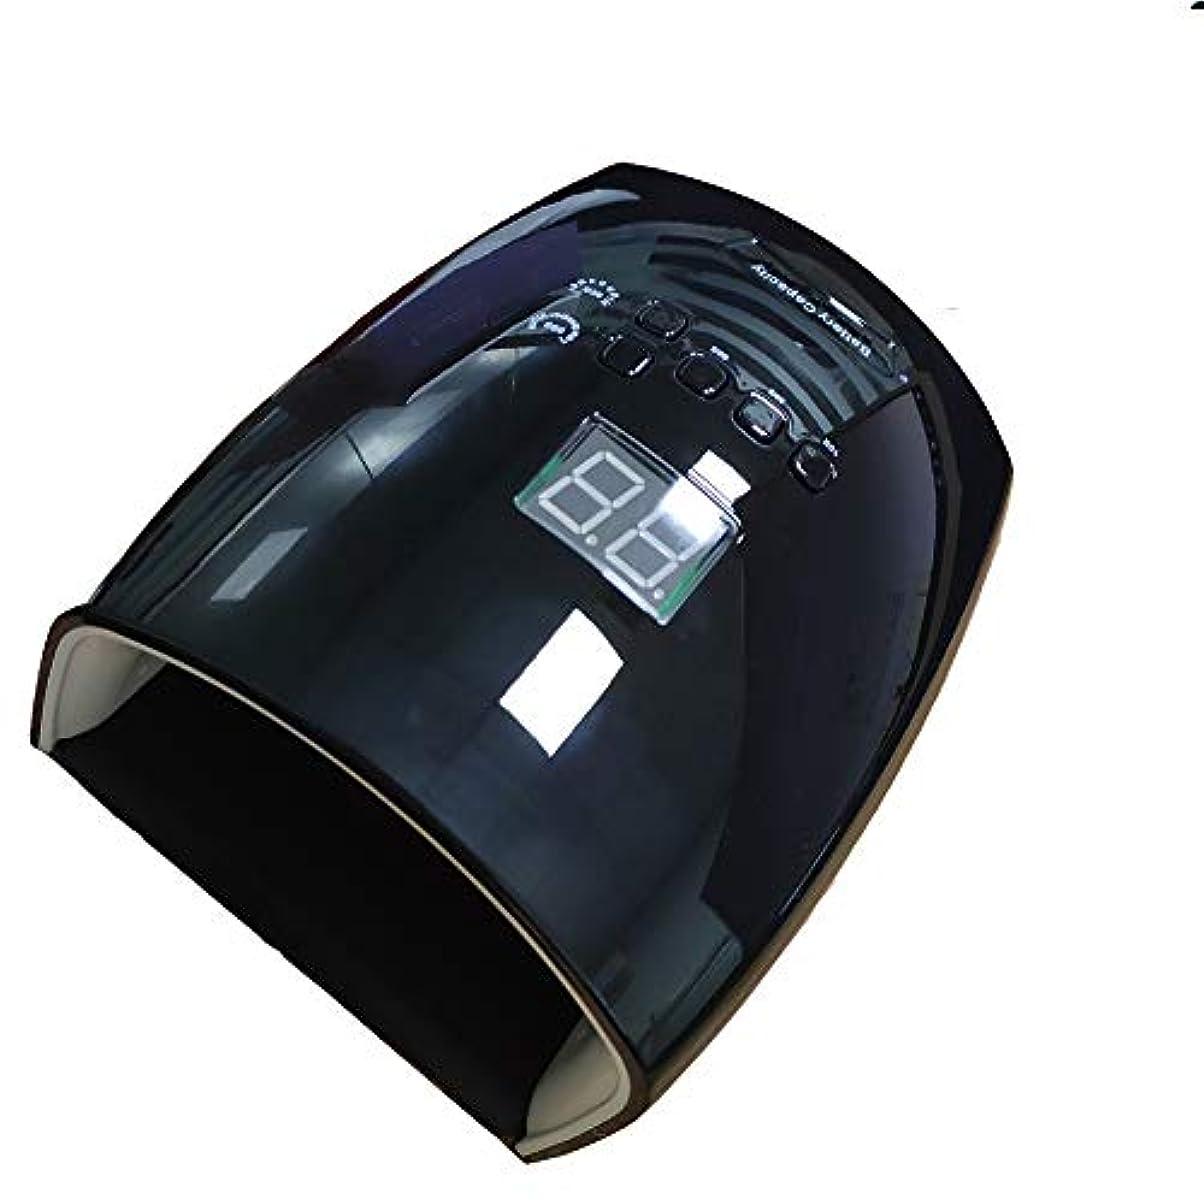 申込み酔ってメロディアスLEDネイルマシン、インテリジェント赤外線センサー多機能ネイル硬化機プロの美容ネイルポリッシャー、取り外し可能な高速乾燥ジェルマシン